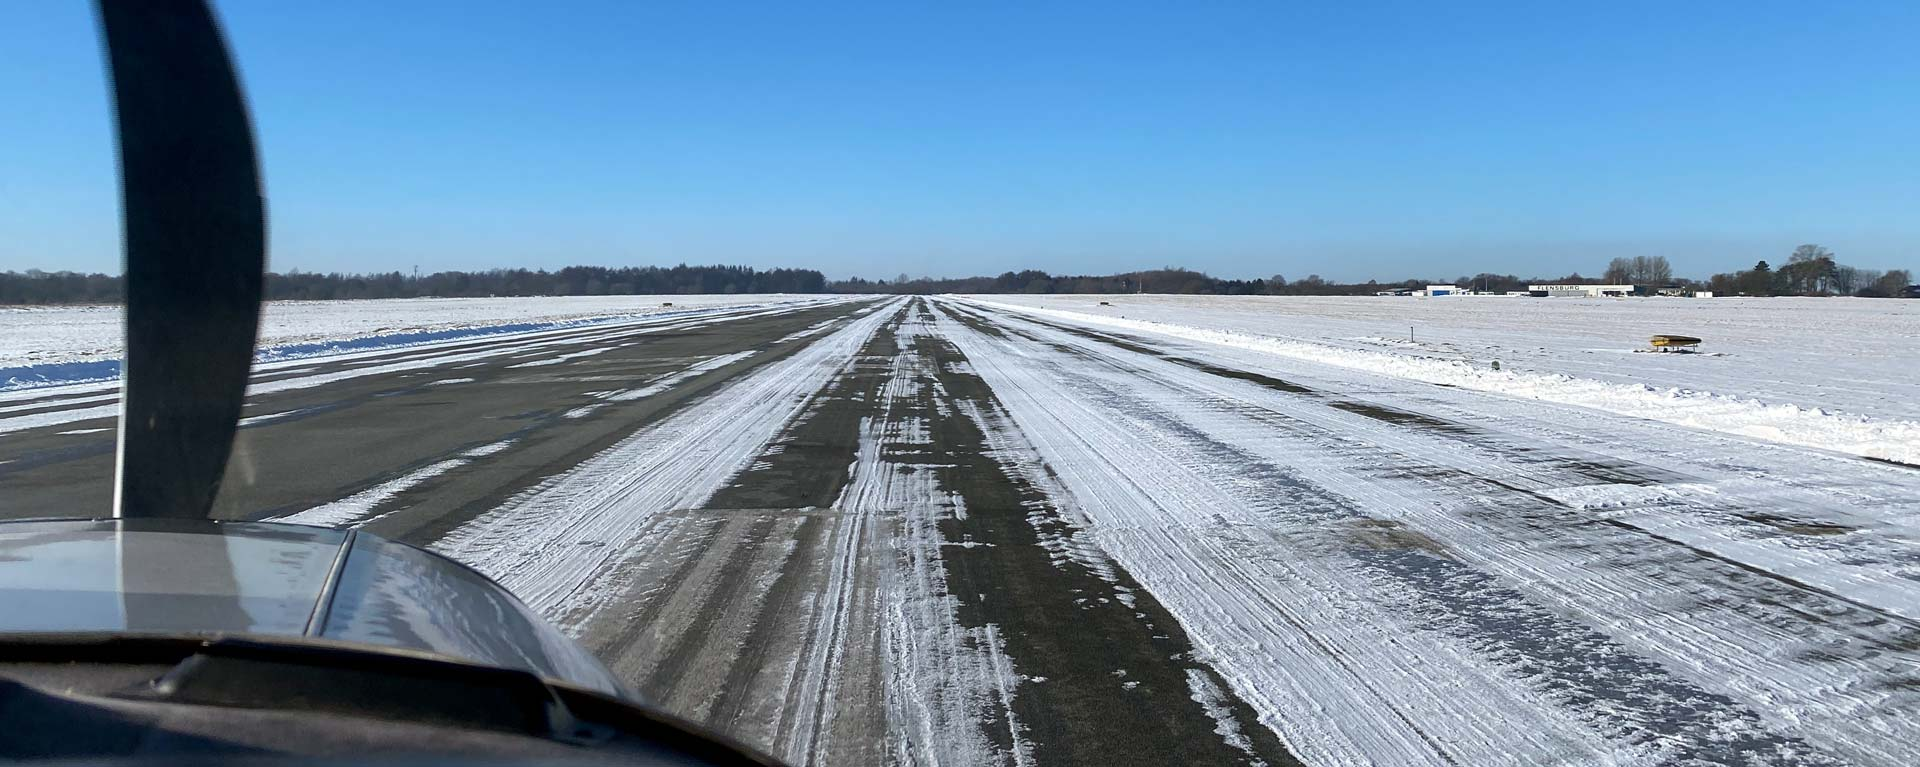 Flugzeug auf verschneiter Landebahn